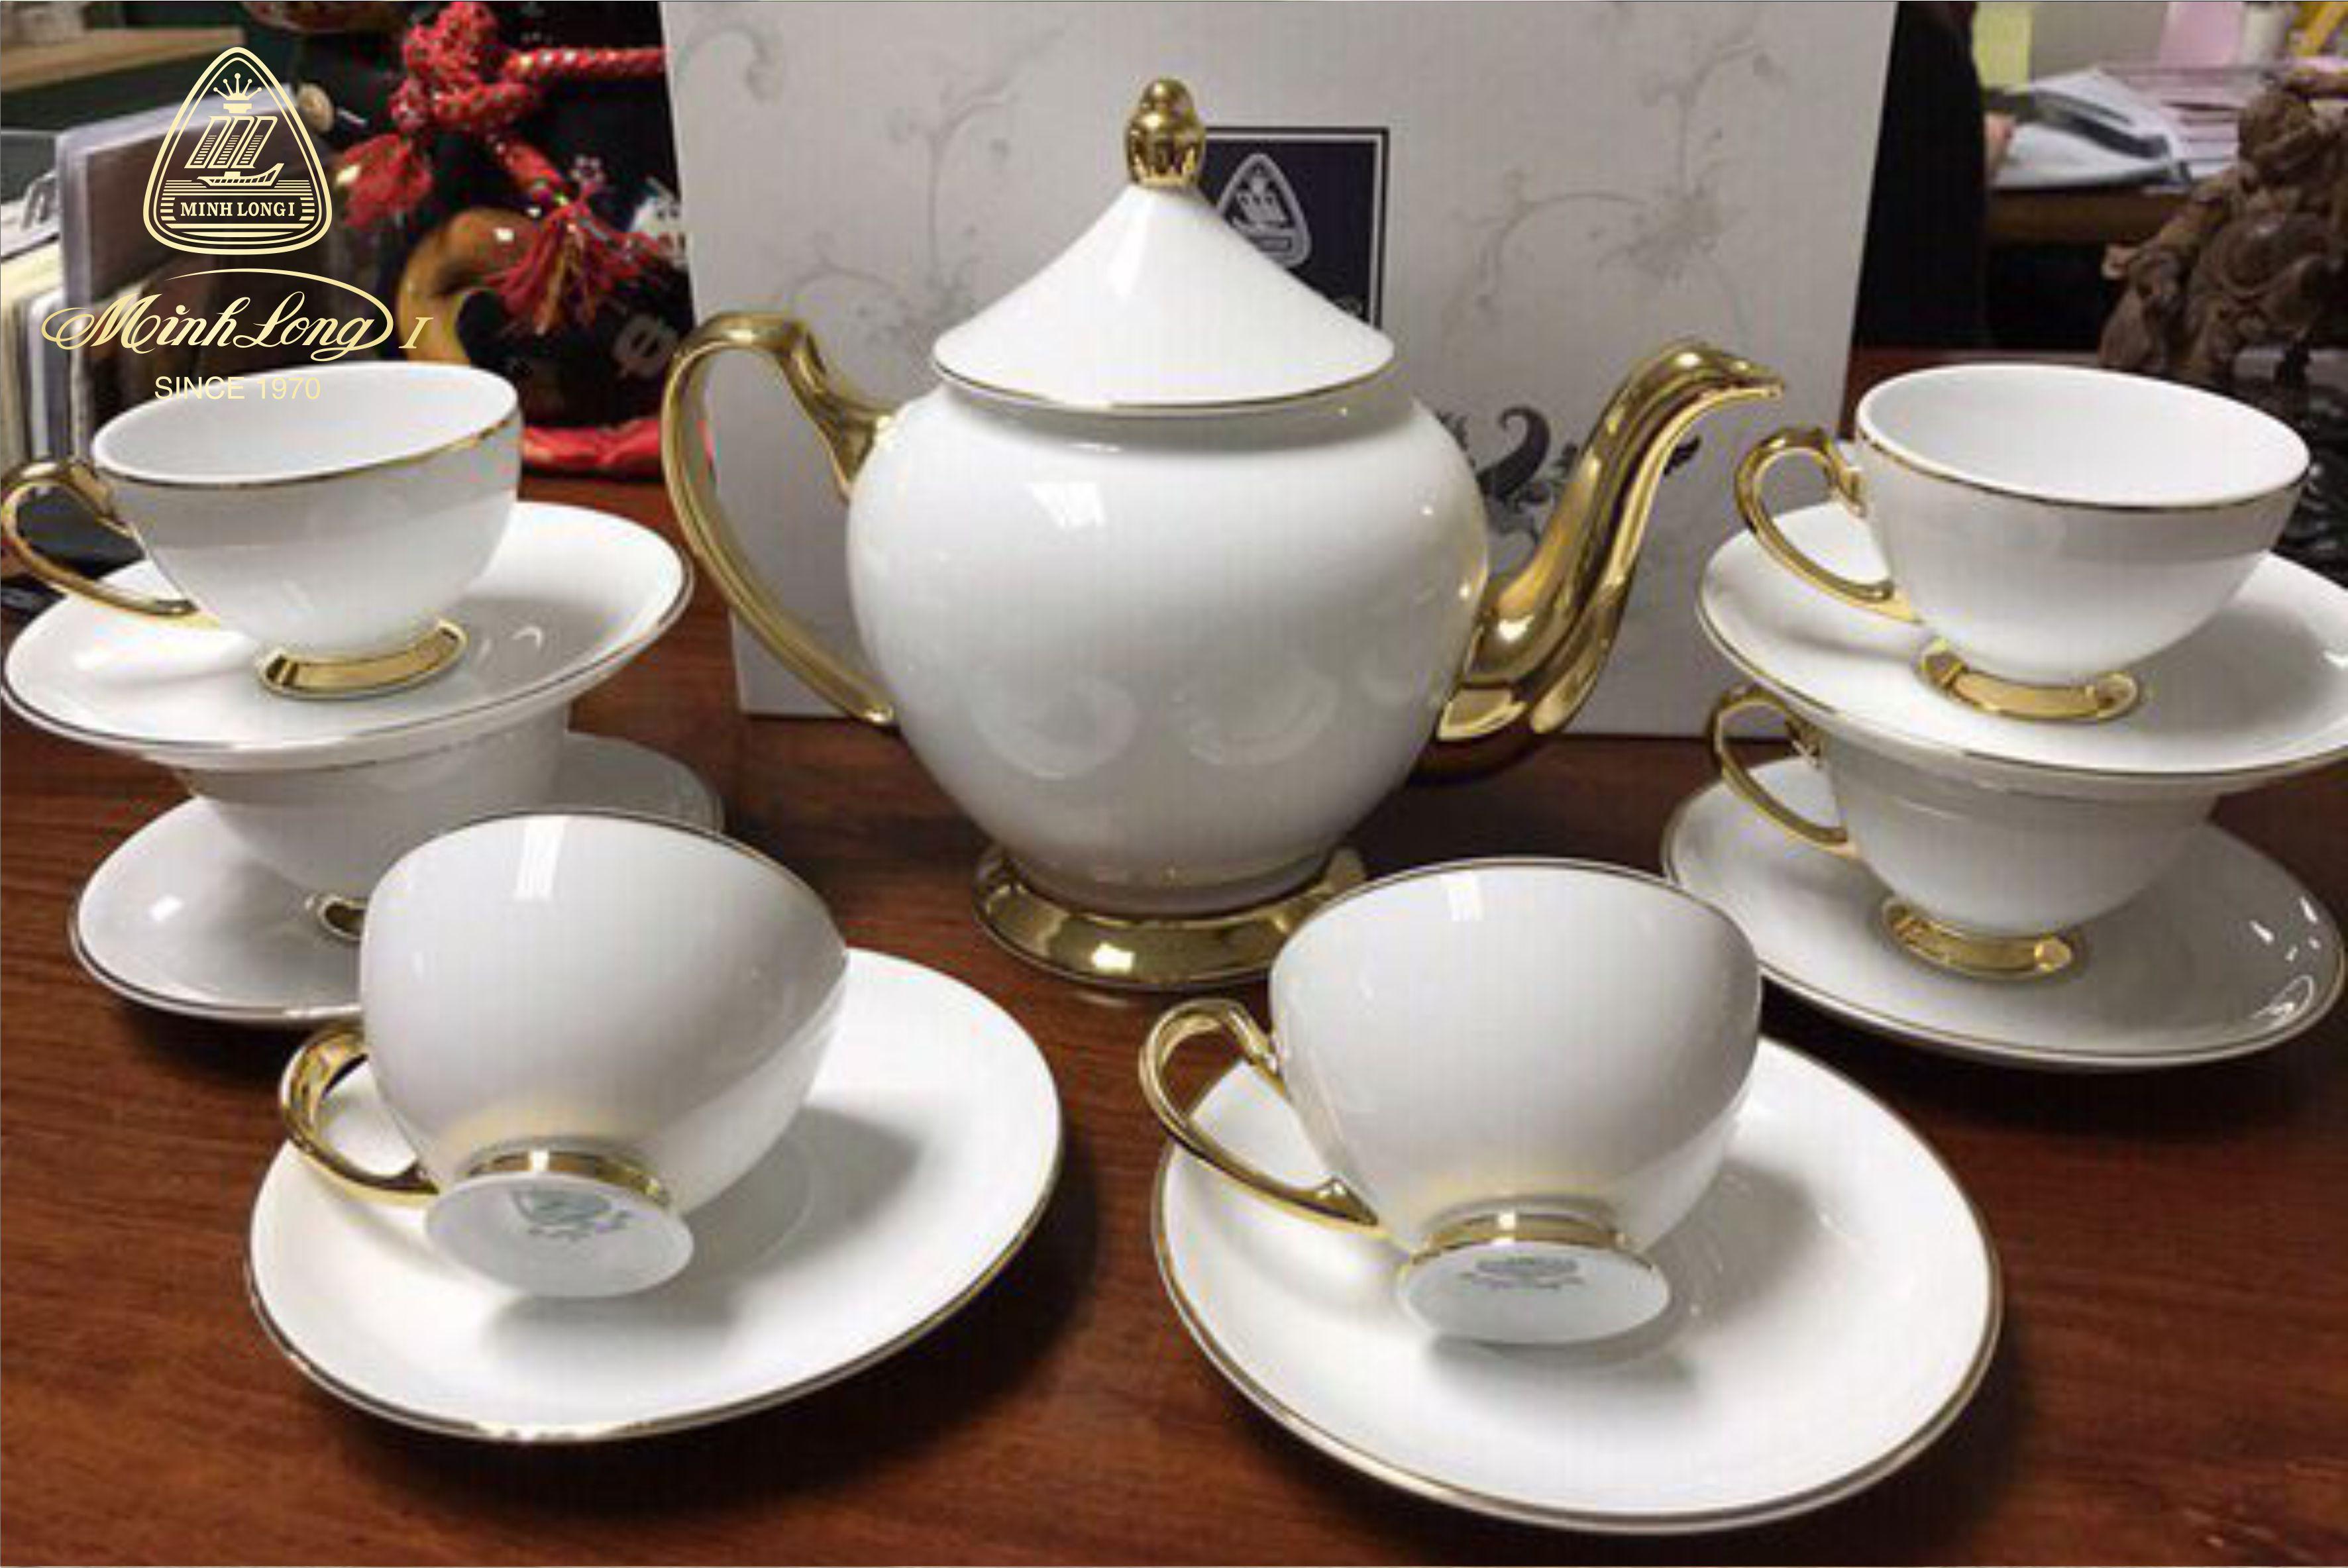 Bộ trà 0.8L Hoàng Cung Chỉ Vàng 01084001403 Minh Long